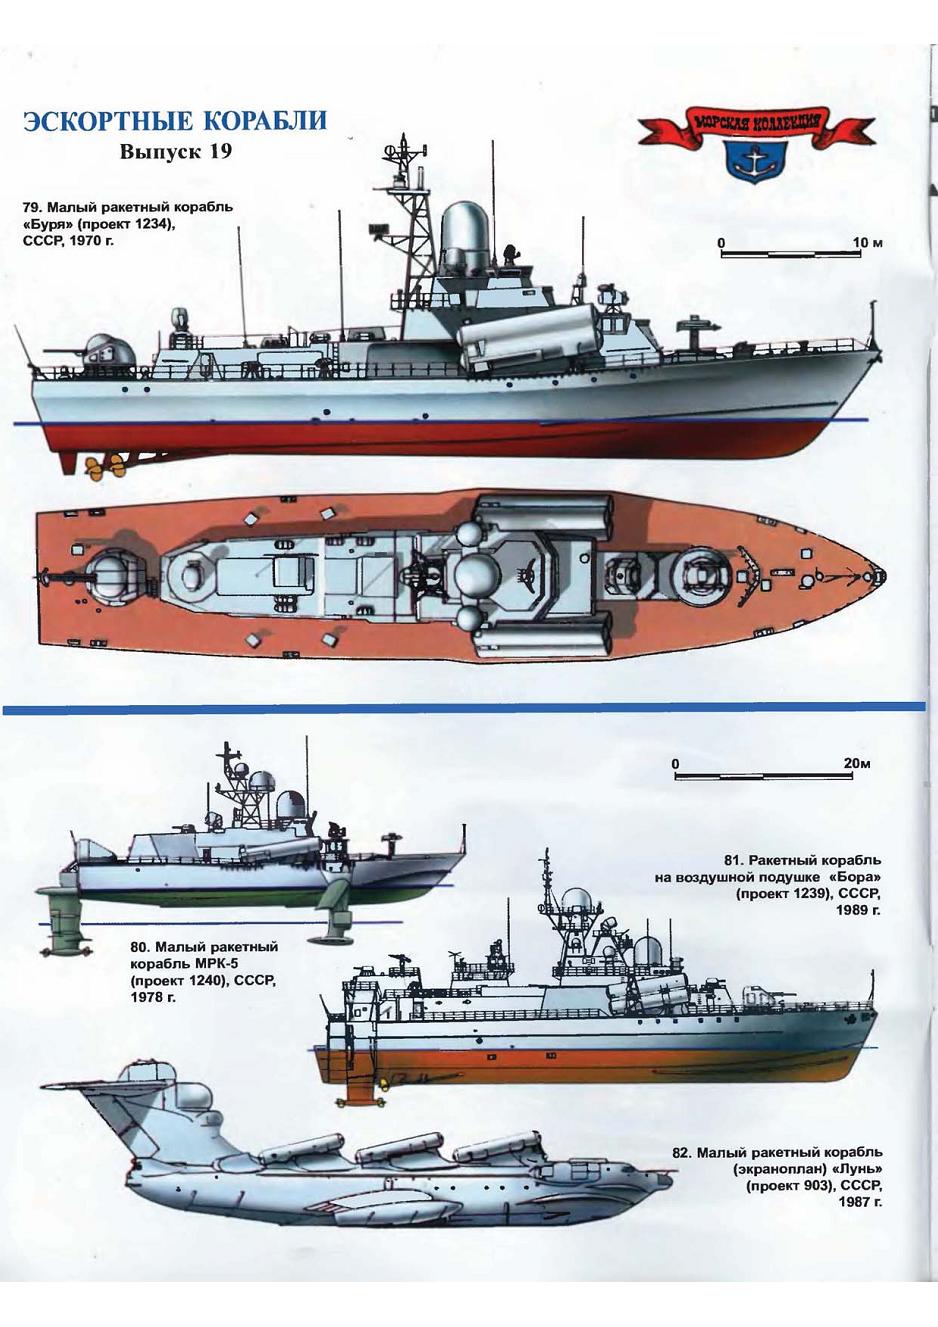 352d5f5e5670fd28a82e83f155d0e189 Png 938 1327 Voenno Morskoj Flot Podvodnaya Lodka Atomnaya Podvodnaya Lodka